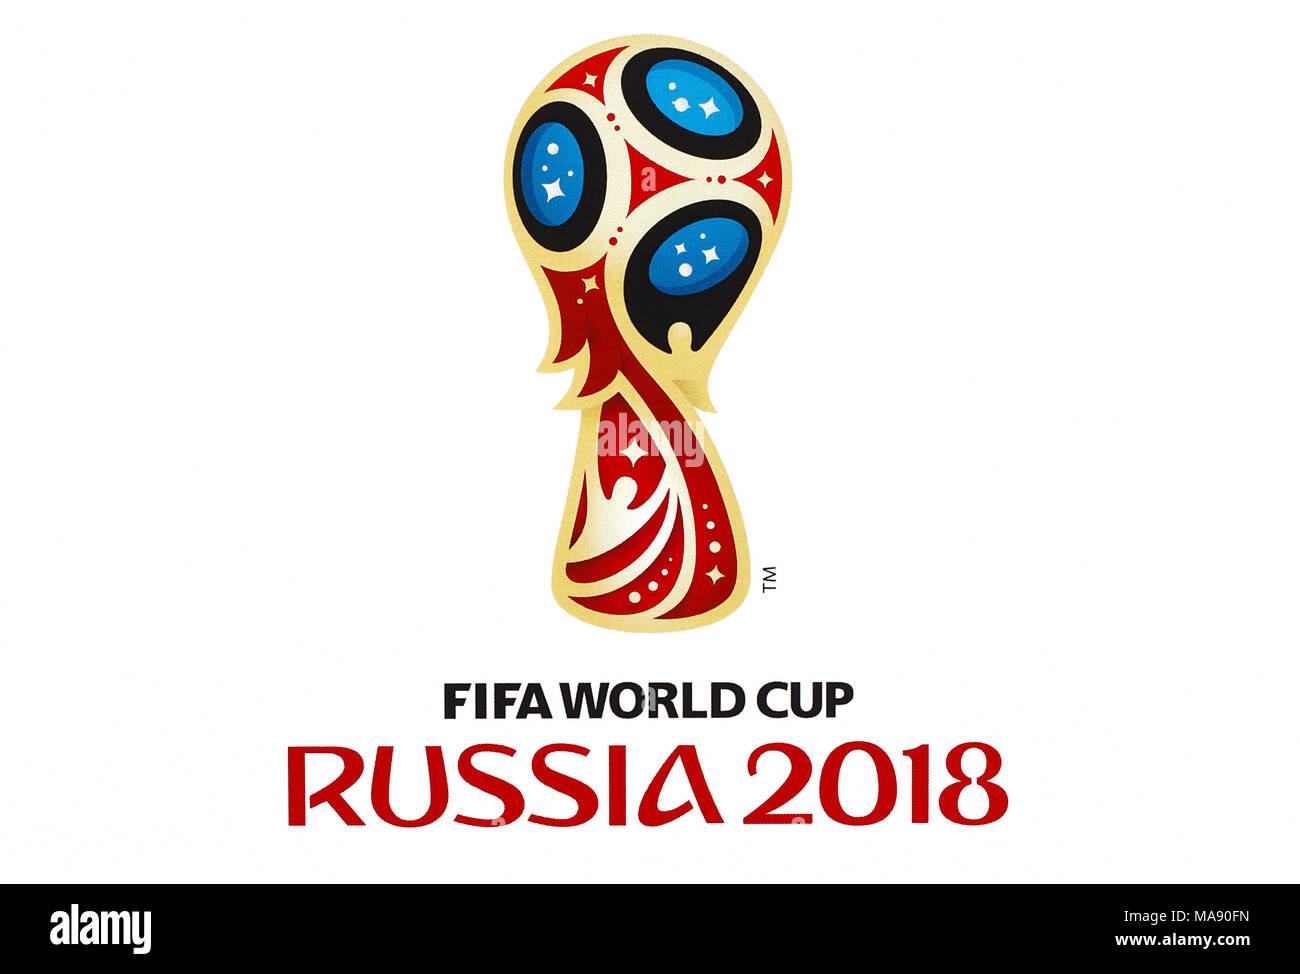 Danzig, Polen - 20. MÄRZ 2018. Fußball-WM in Russland, Logo in World Cup 2018 sticker Album gedruckt. Nur redaktionelle Verwendung! Stockbild